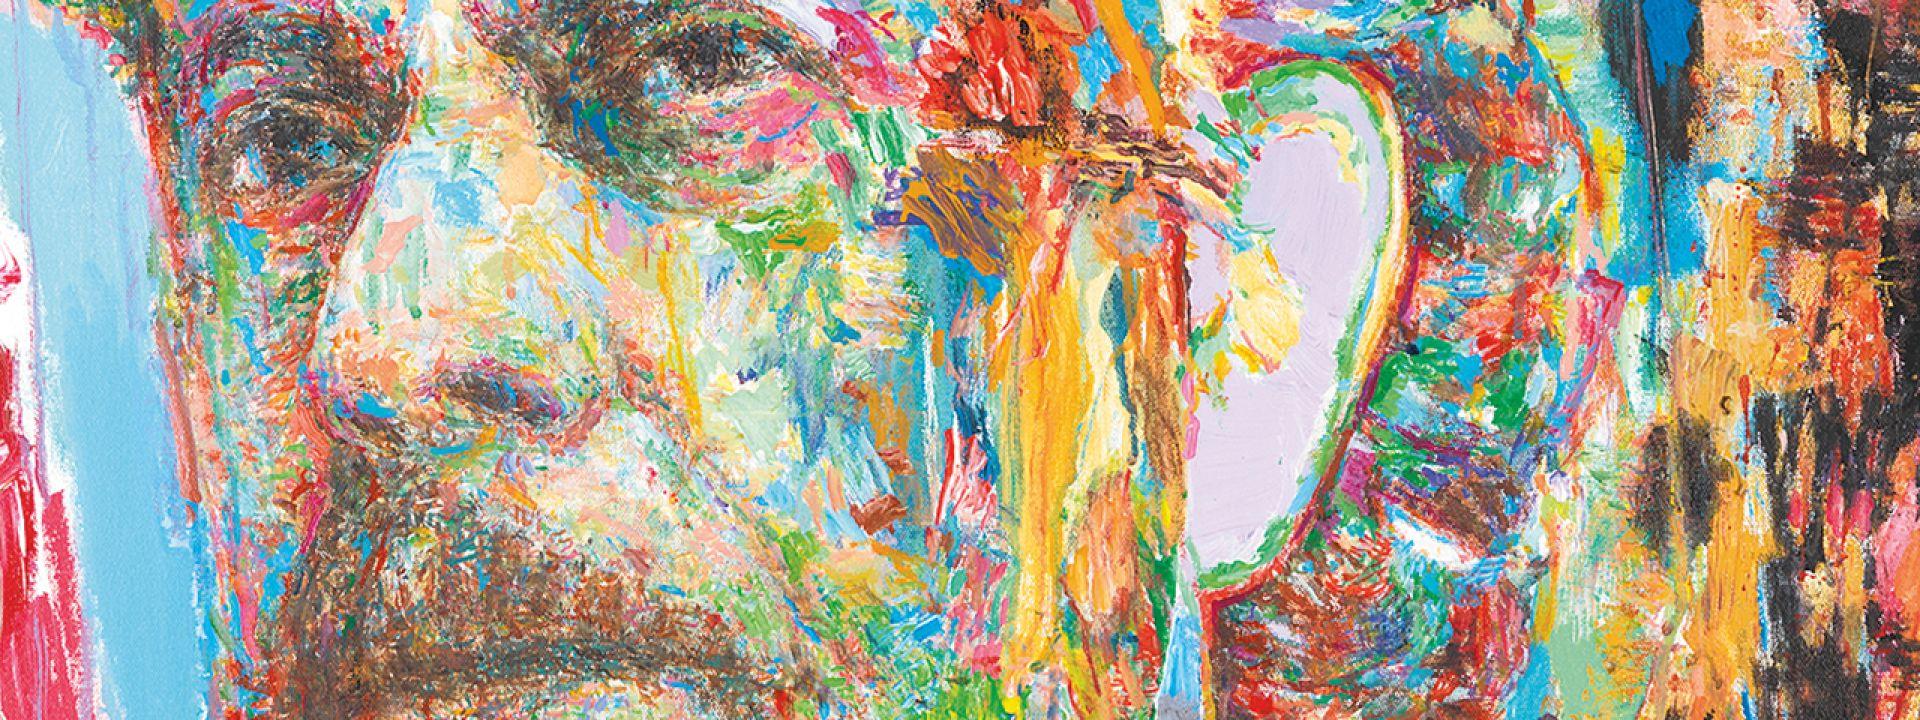 Πορτρέτο του Γιάννη Ρίτσου - Έργο του Γ. Ψυχοπαίδη